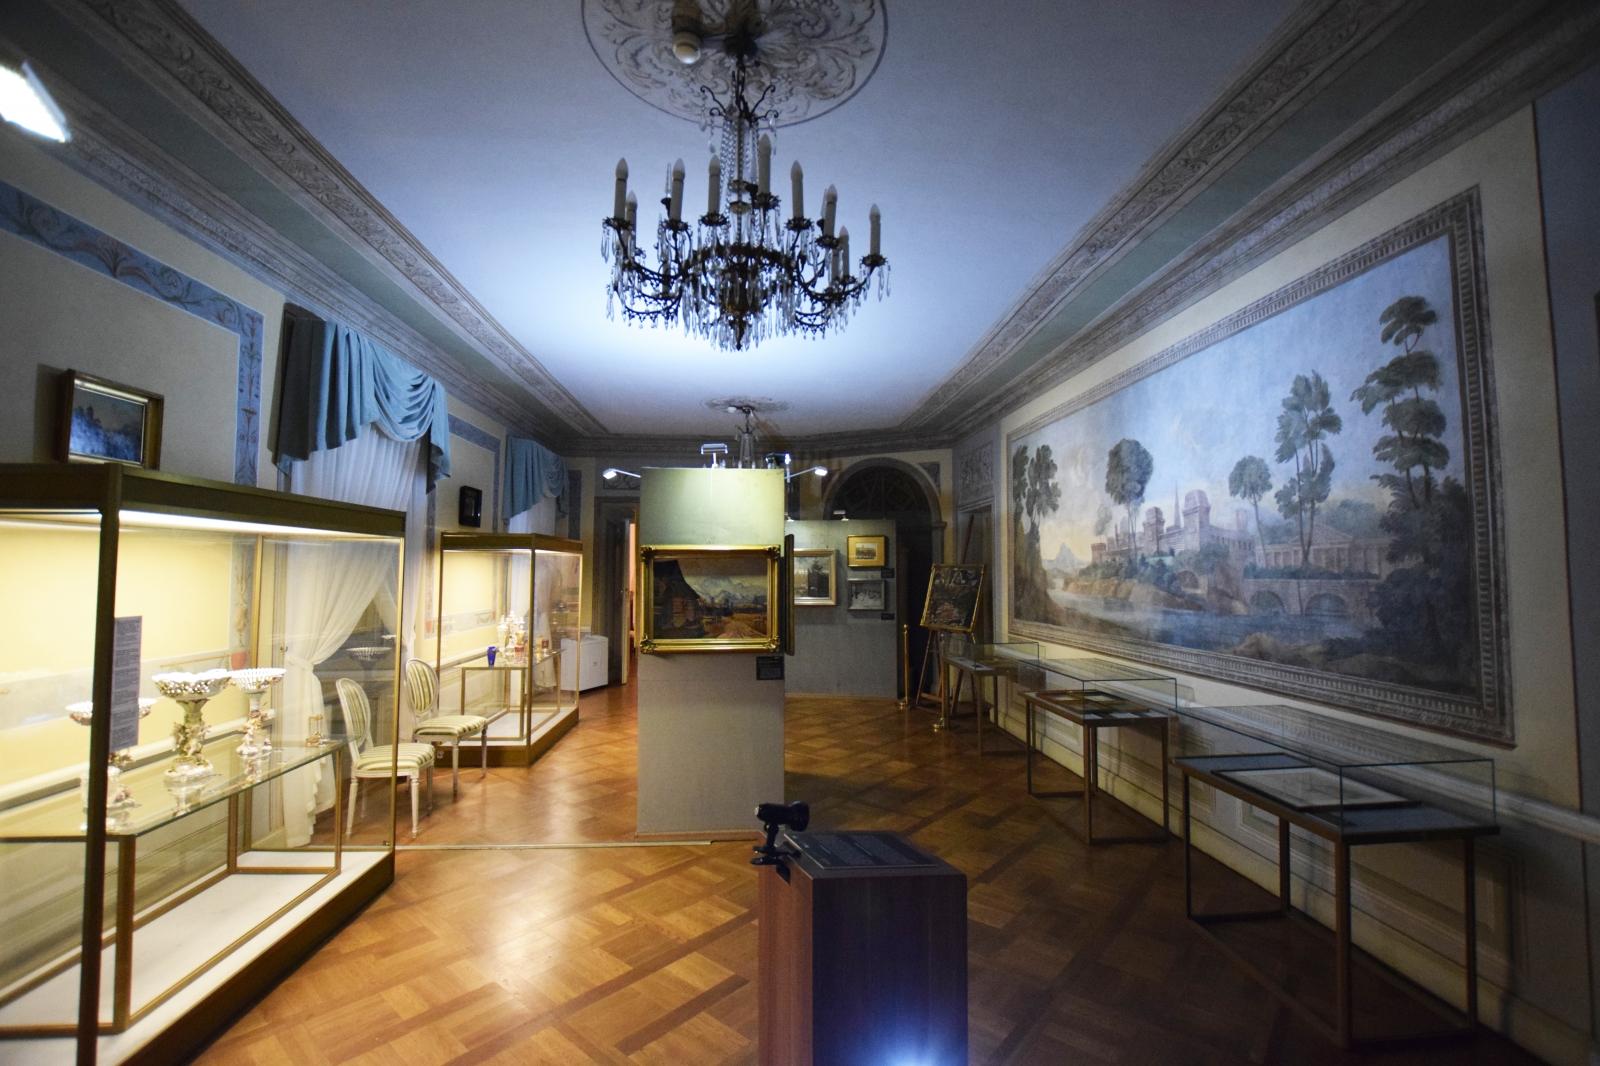 https://www.dobrzyca-muzeum.pl/cms/images/789257_1580809482.jpeg